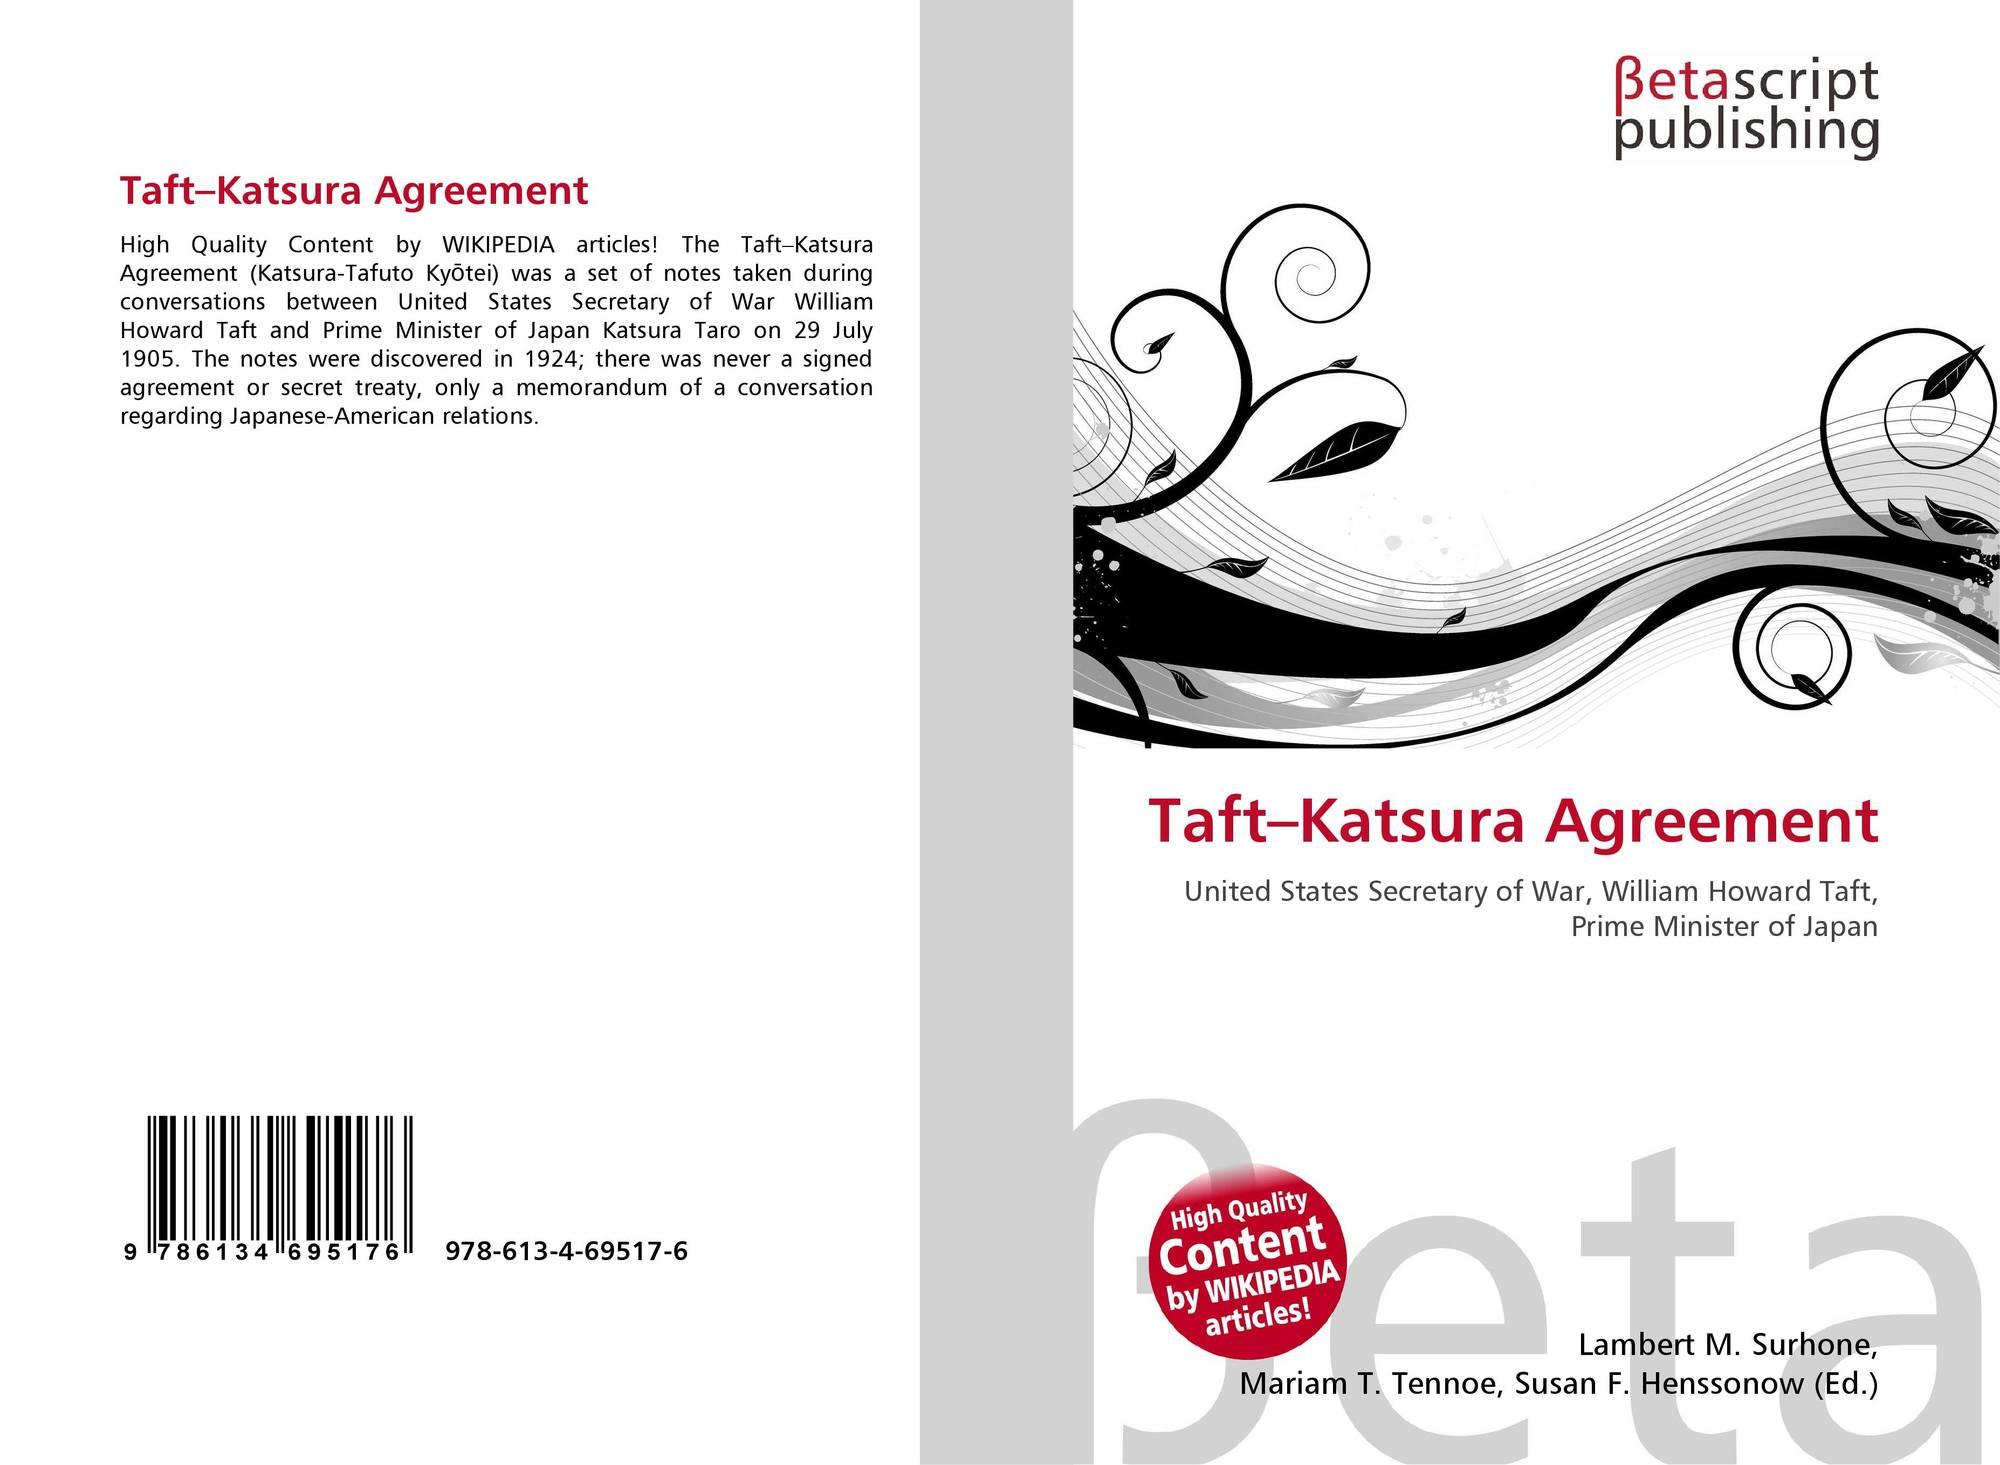 Taftkatsura Agreement 978 613 4 69517 6 6134695173 9786134695176